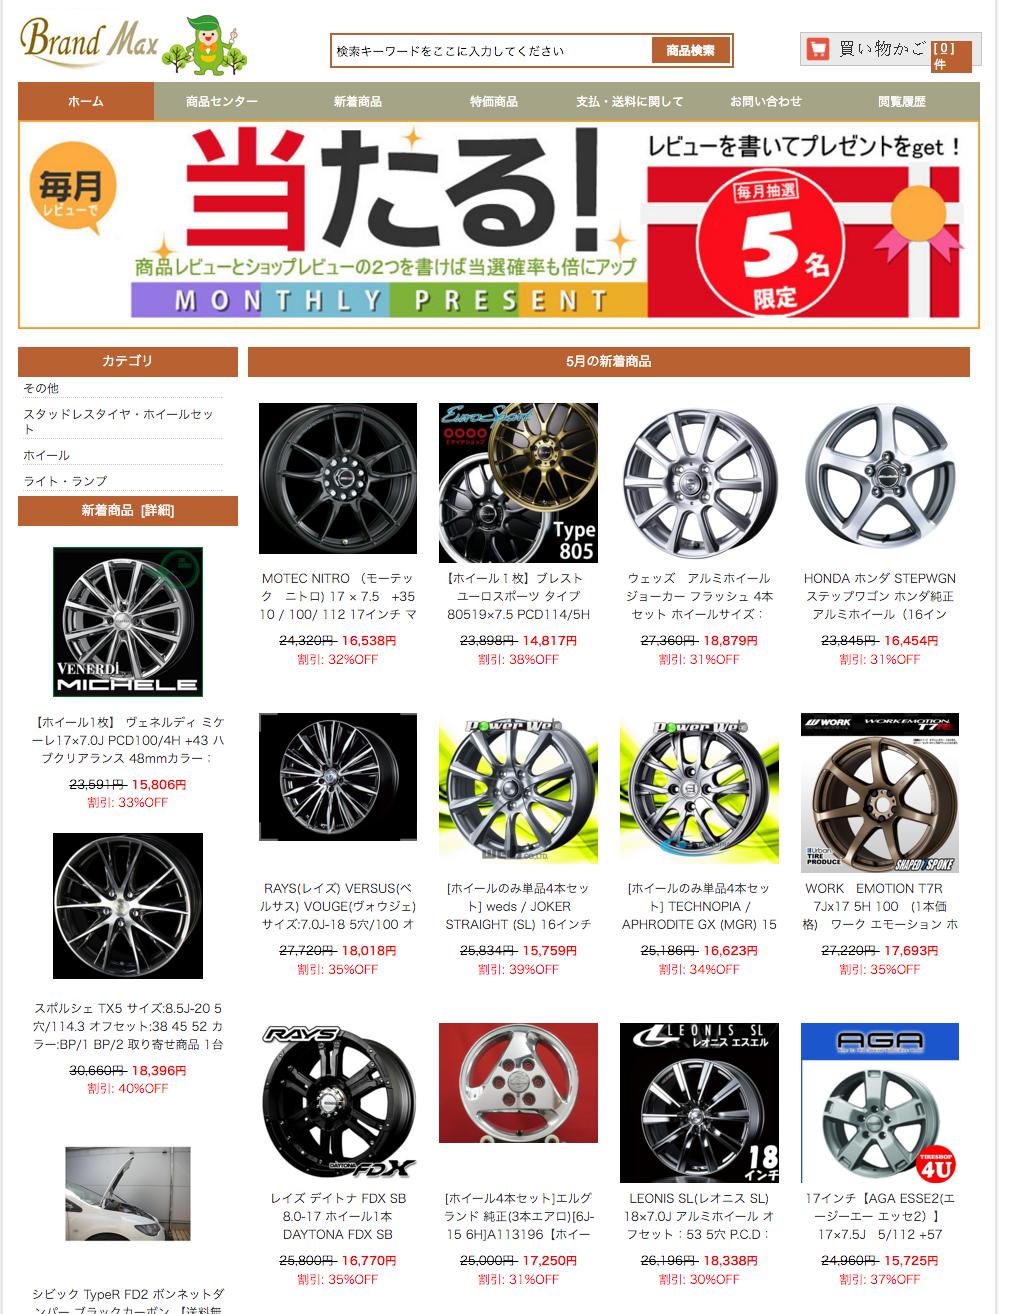 Продвижение сайта в японии размещение статей сайтов